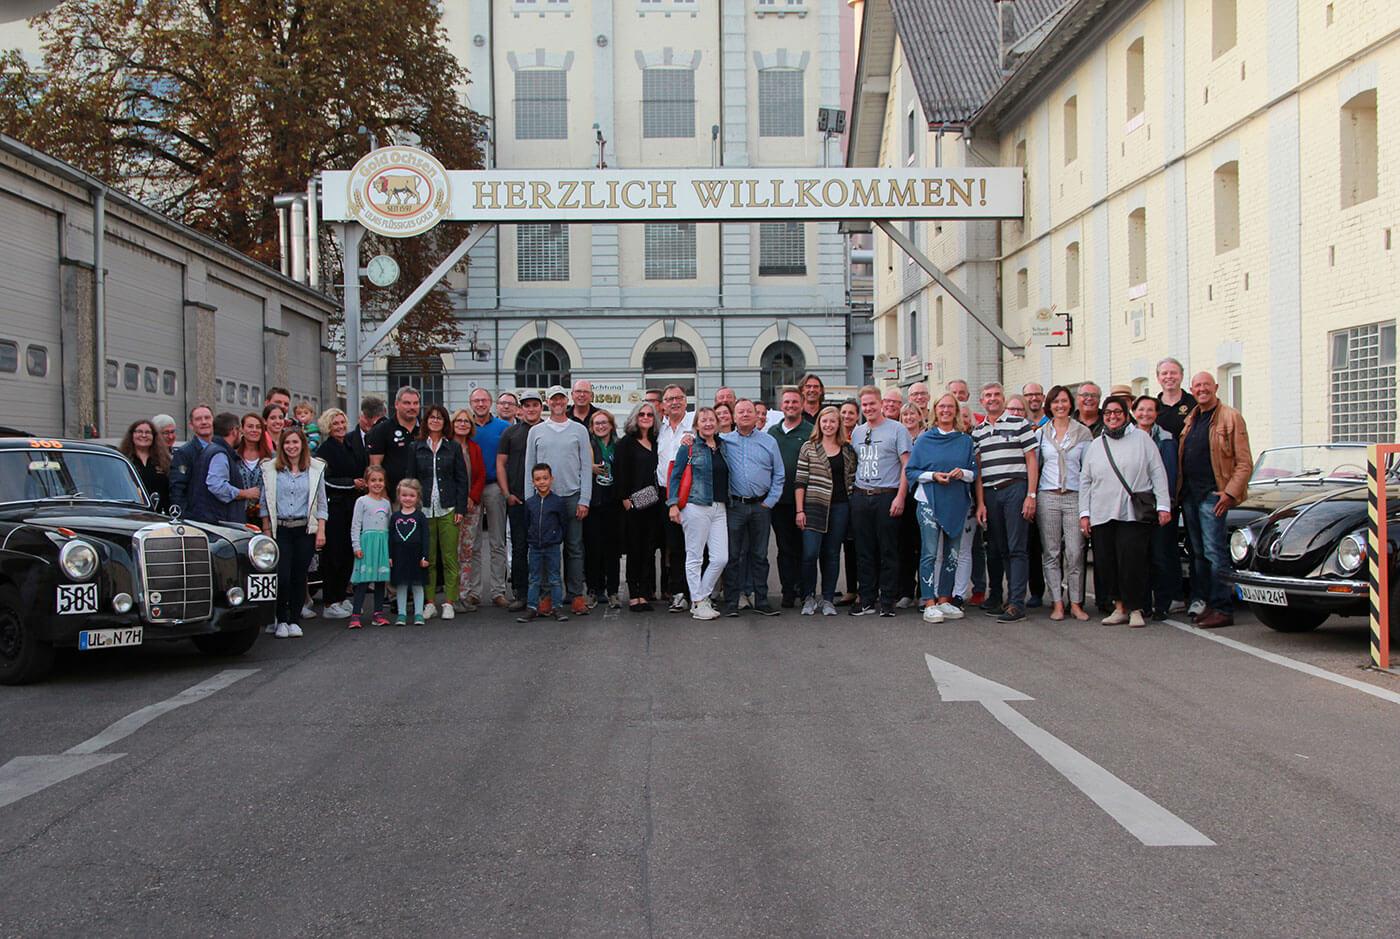 Oldtimer-Stelldichein im Brauereihof mit Team